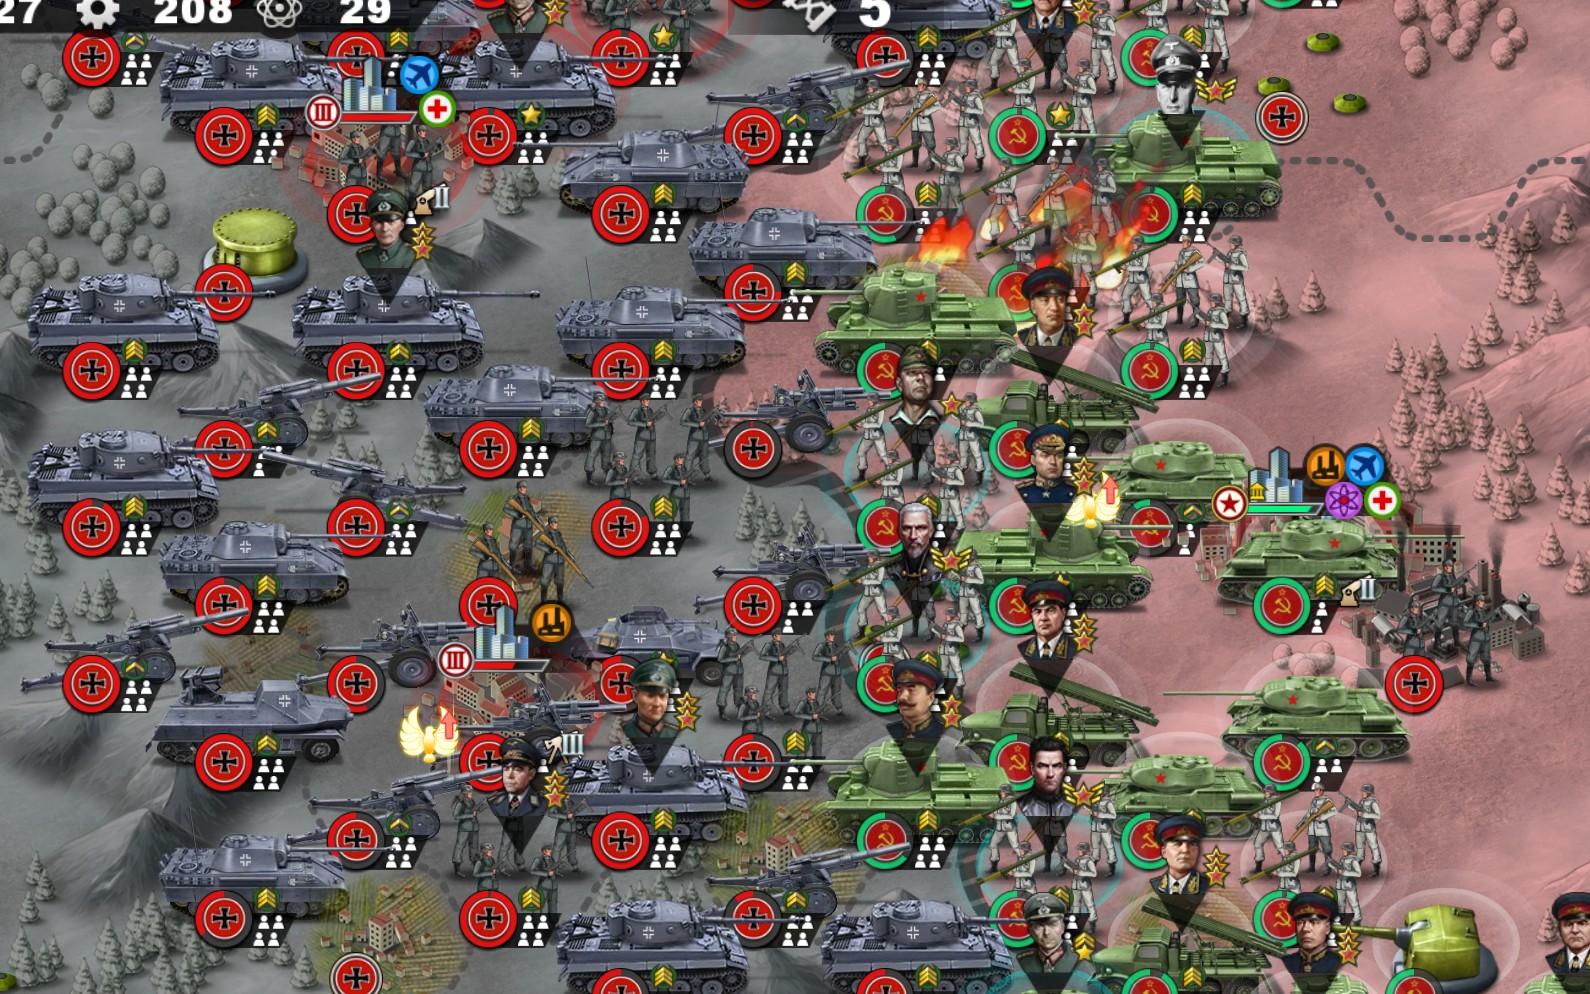 视频征服者4的全部减震世界_bilibili_哔哩哔哩弹幕宝骏630更换后相关图片